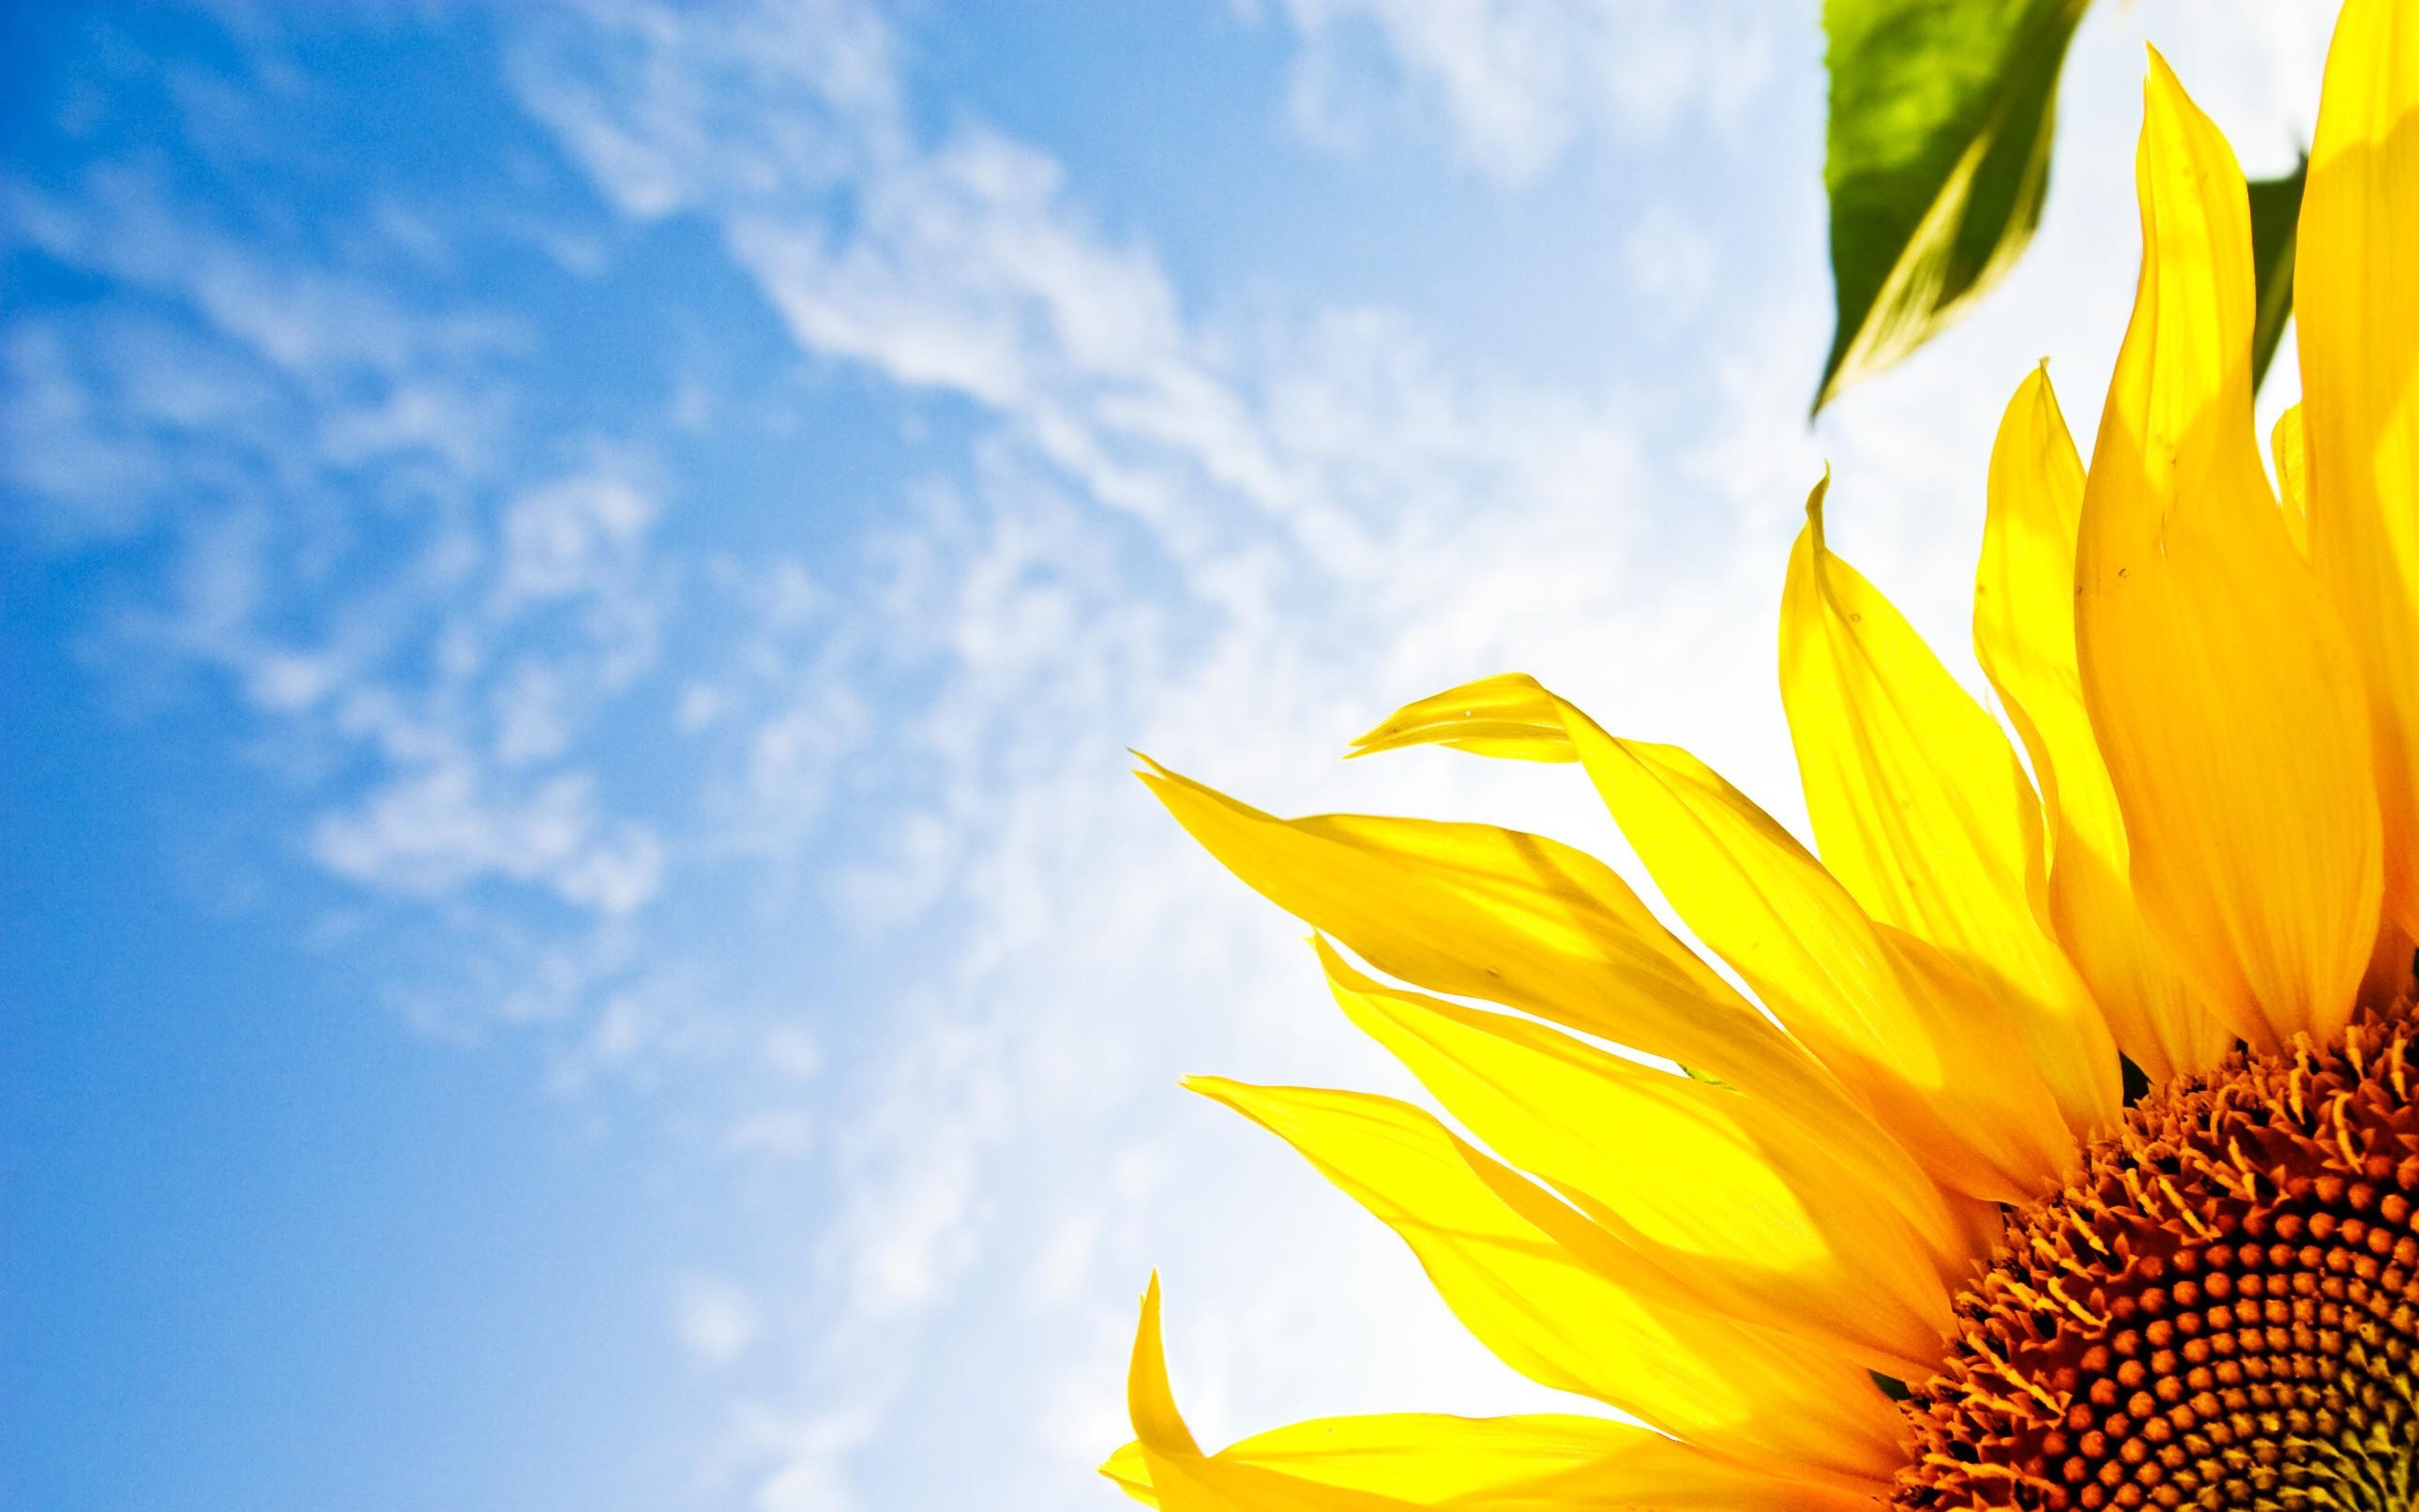 Girasol a la luz del sol - 2579x1612